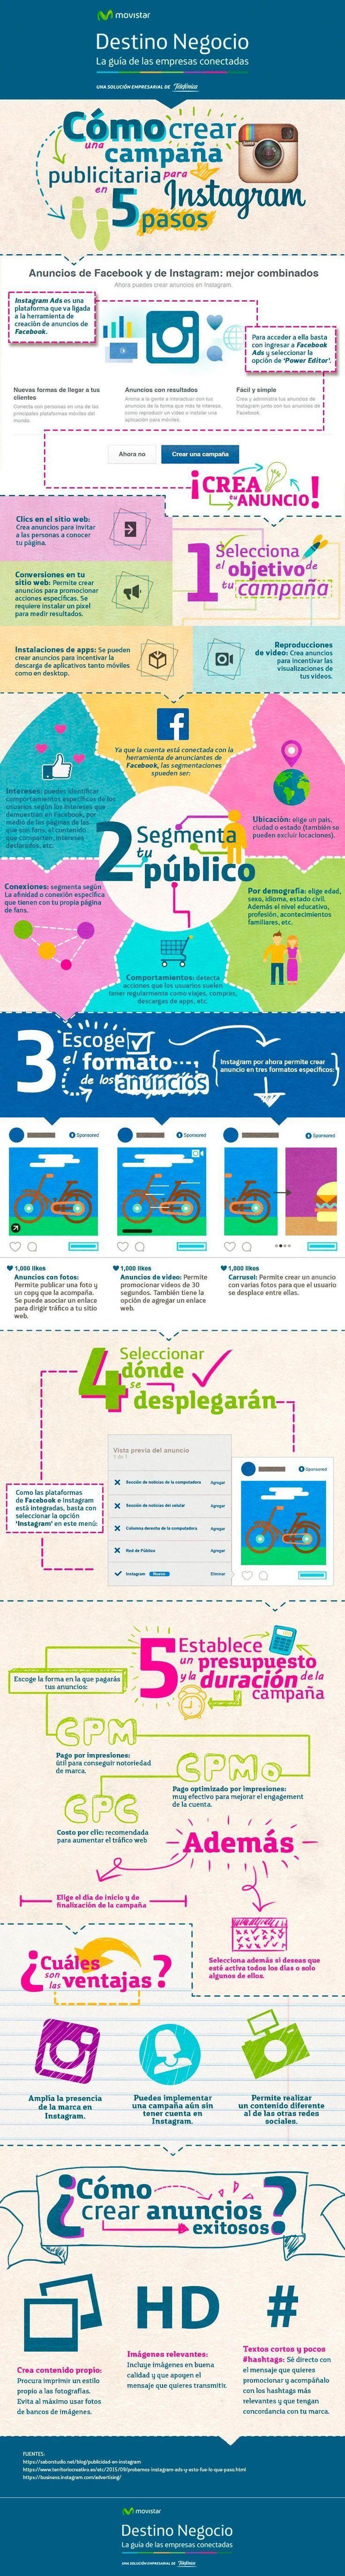 Cómo crear una campaña publicitaria en Instagram Clique aqui http://www.estrategiadigital.pt/ e visite agora o Blog Estratégia Digital para ver mais Táticas e Ferramentas de Marketing Digital para Internet!